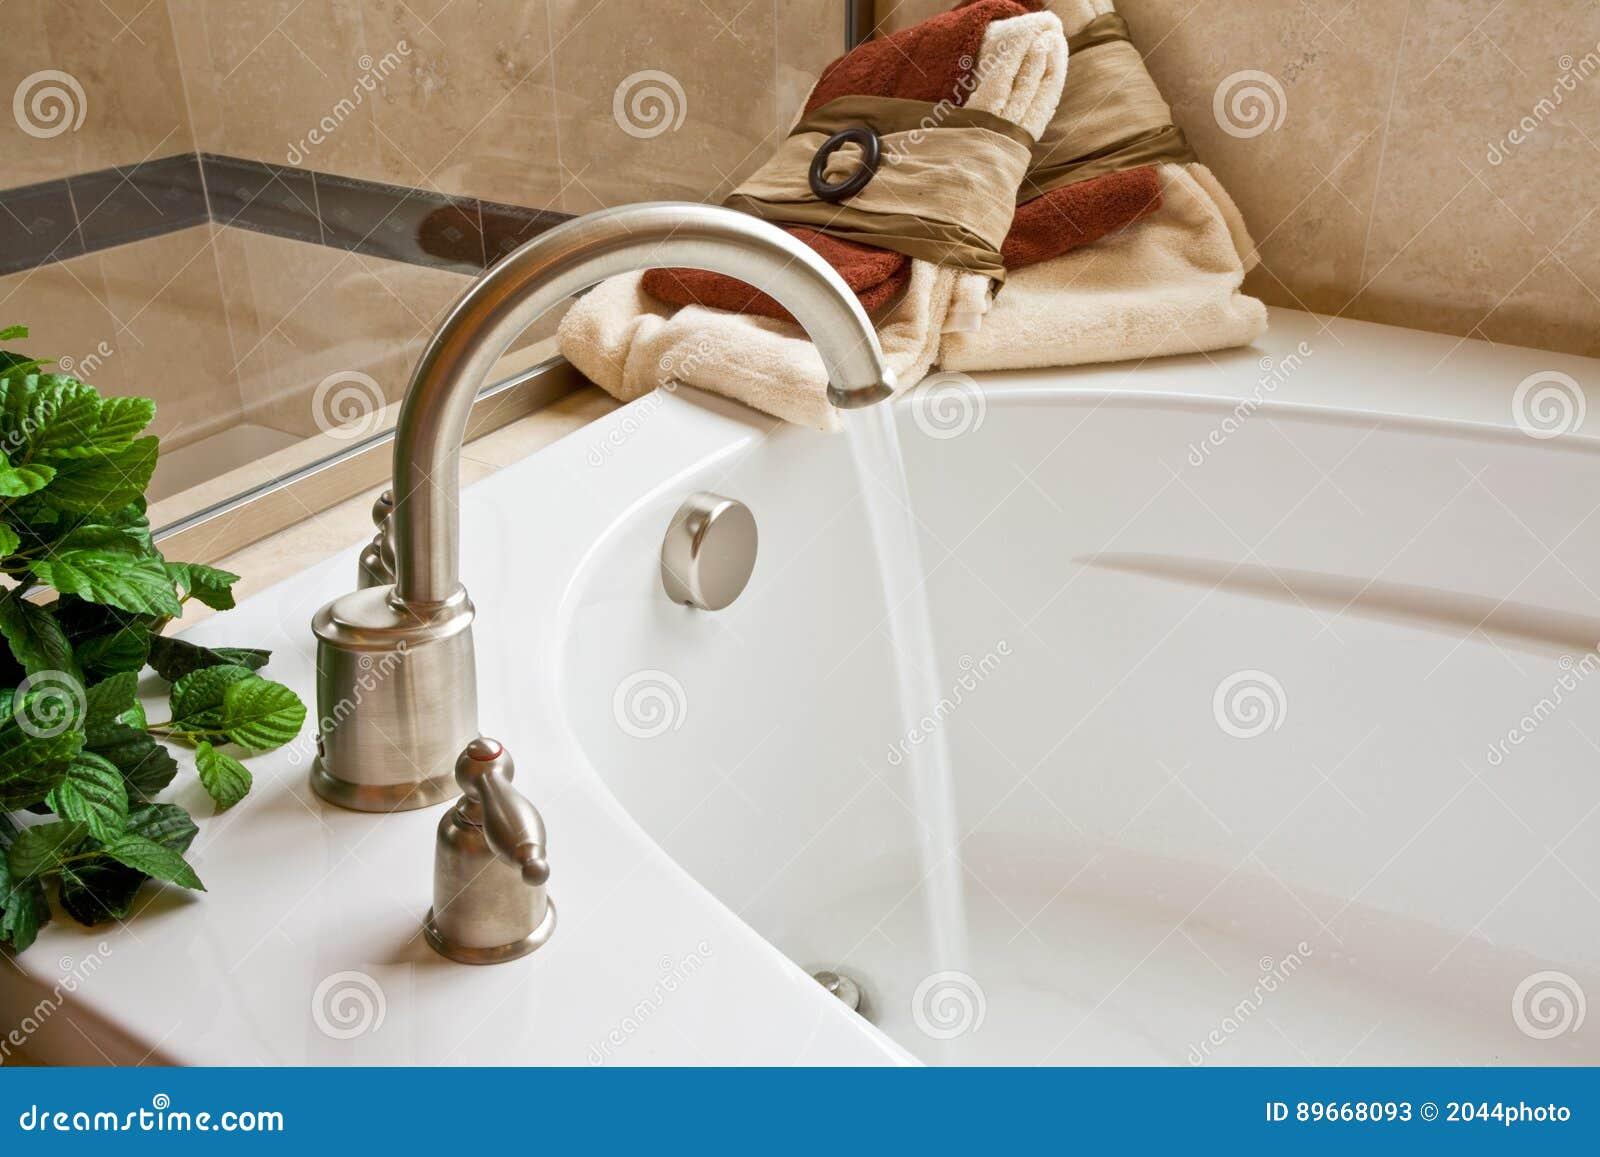 Großzügig Badezimmer Vorlagen Kostenloser Download Bilder - Entry ...